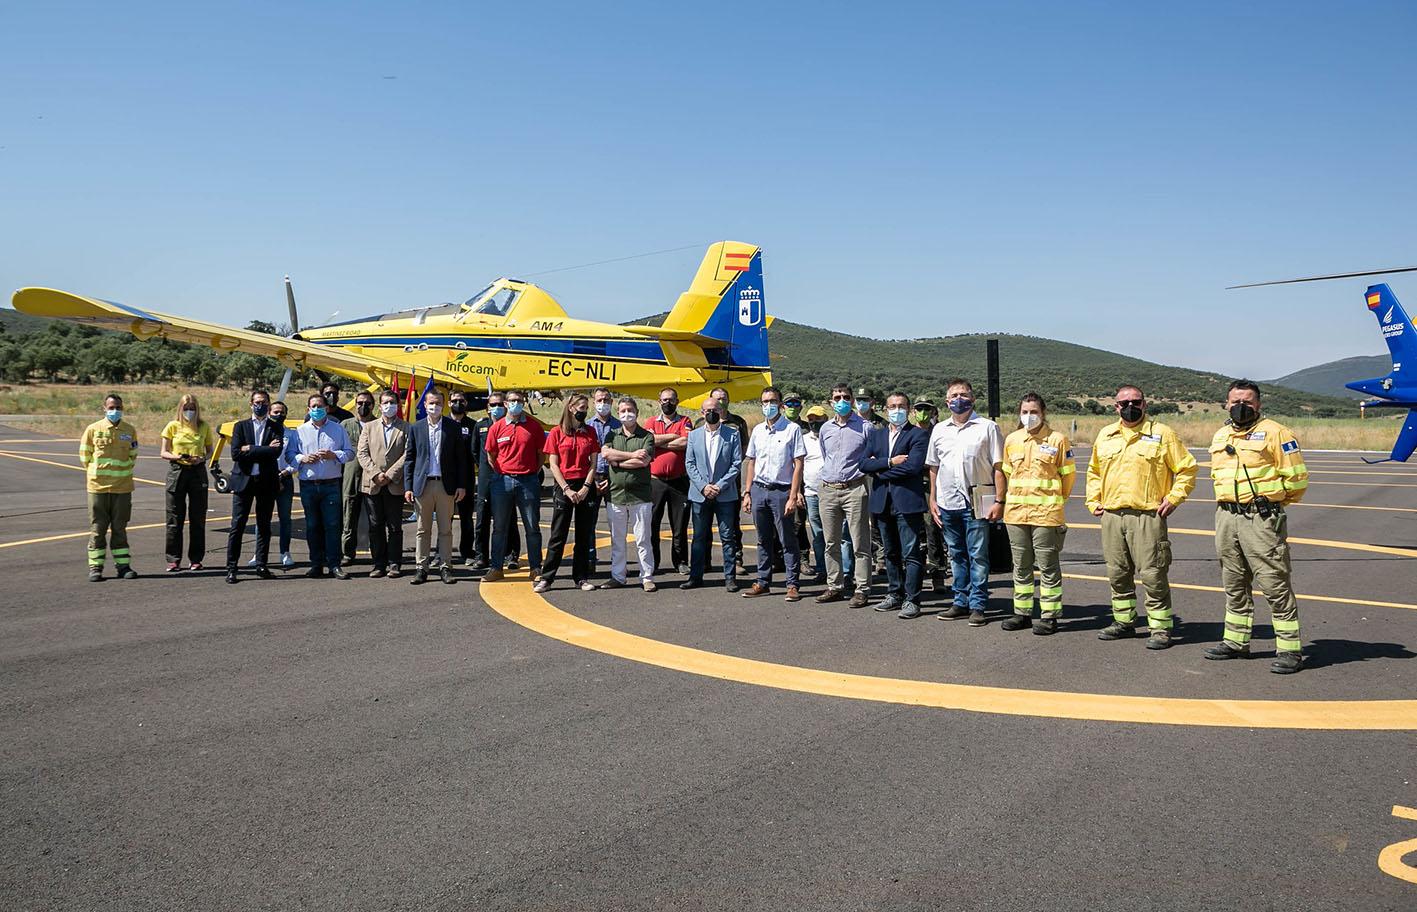 Page se ha mostrado muy crítico con los sindicatos de Geacam durante la inauguración de un nuevo aeródromo en Los Yébenes.